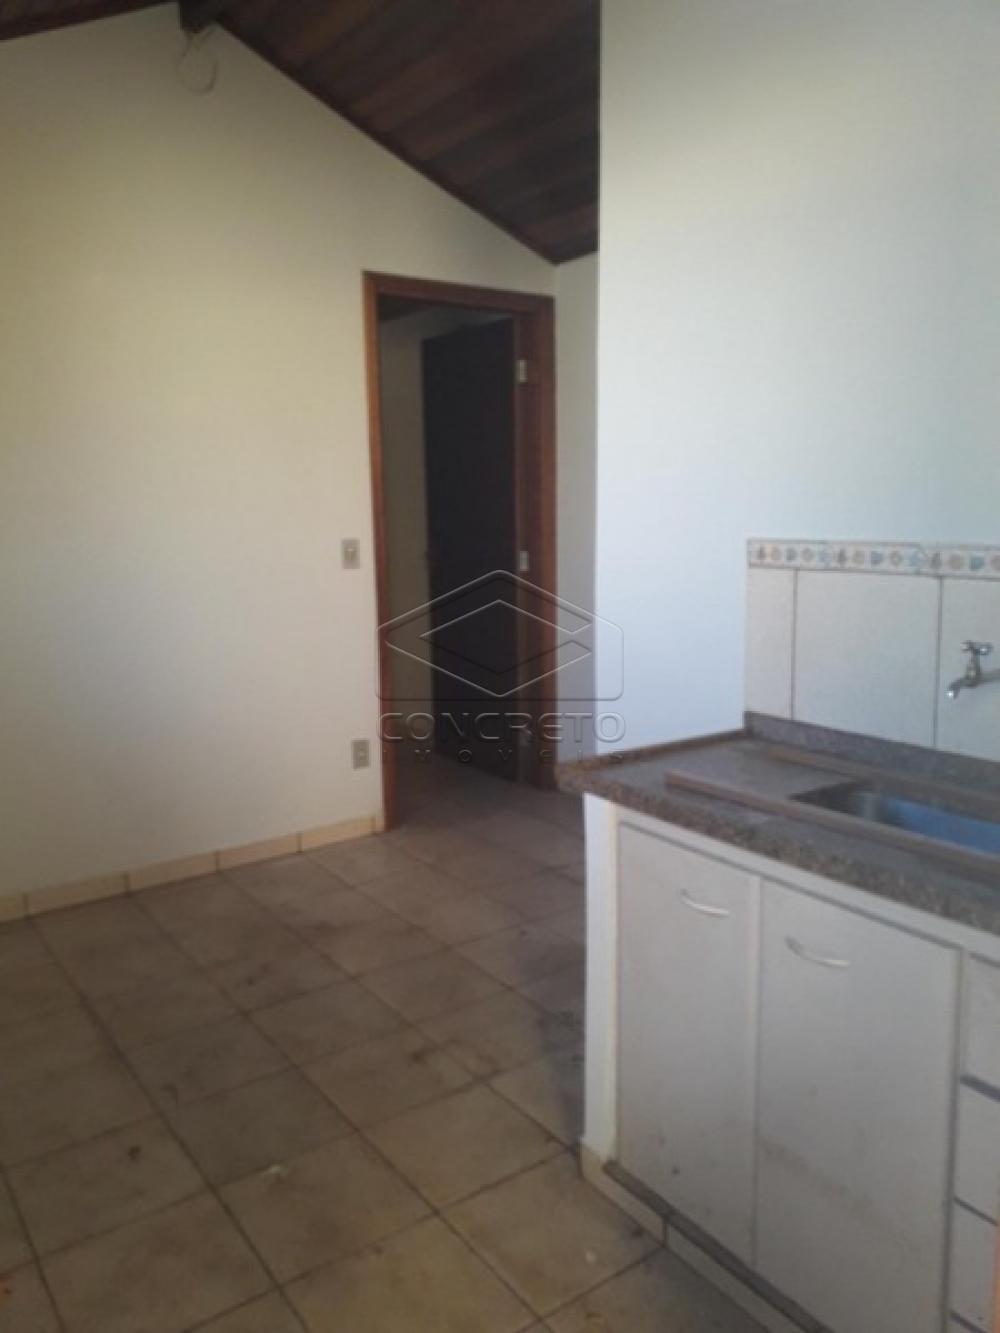 Alugar Casa / Residencia em Botucatu apenas R$ 600,00 - Foto 4